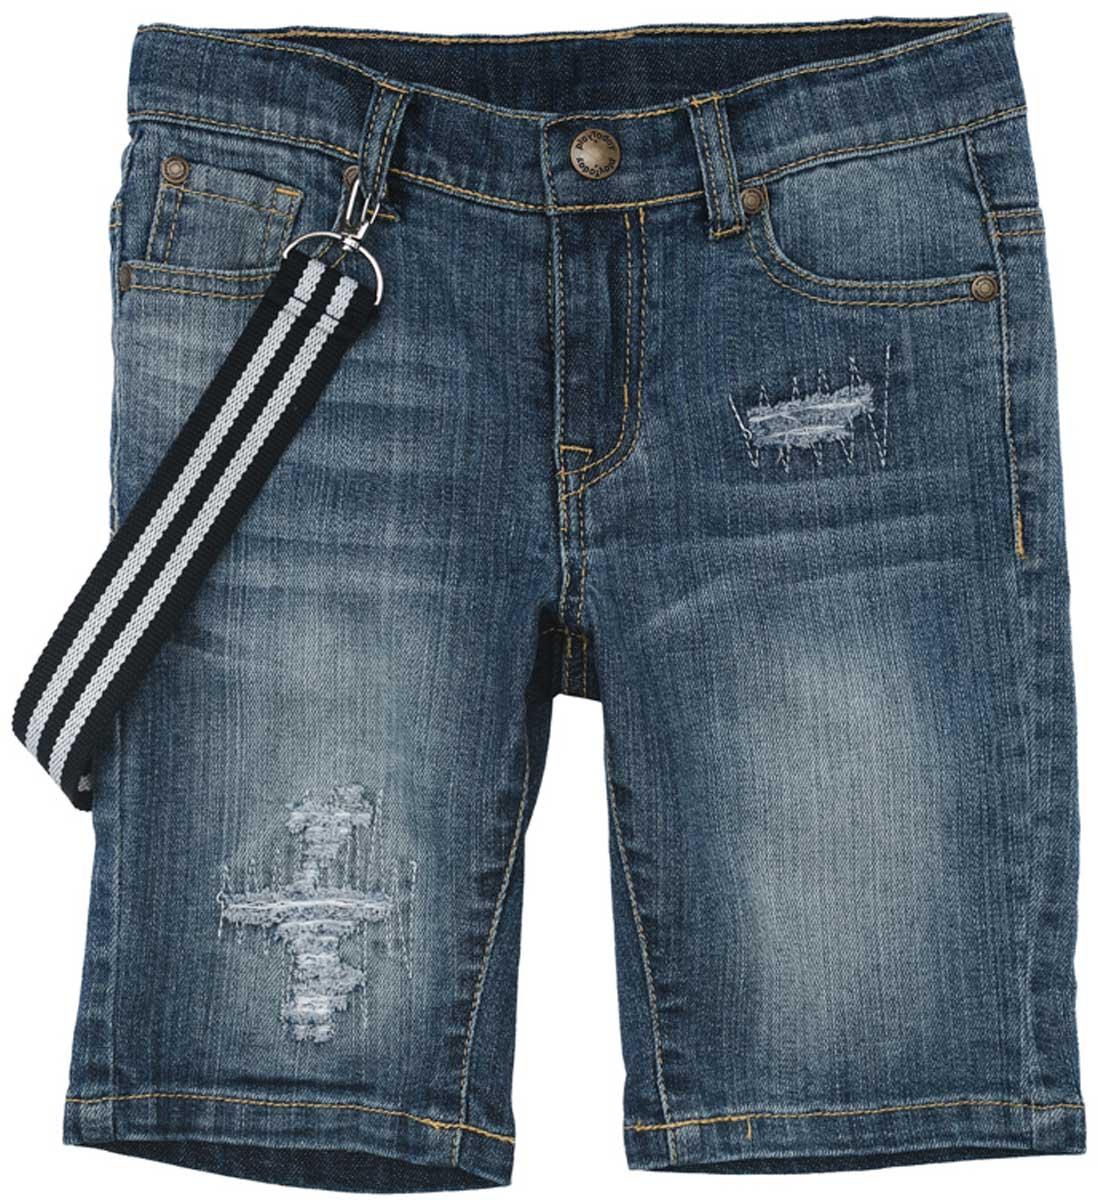 Шорты171157Удлиненные шорты PlayToday из натуральной джинсовой ткани с прорезями и эффектом потертости идеально подойдут для отдыха и прогулок. Модель со шлевками, при необходимости можно использовать ремень. В качестве декора предлагается стильный пояс на карабинах.